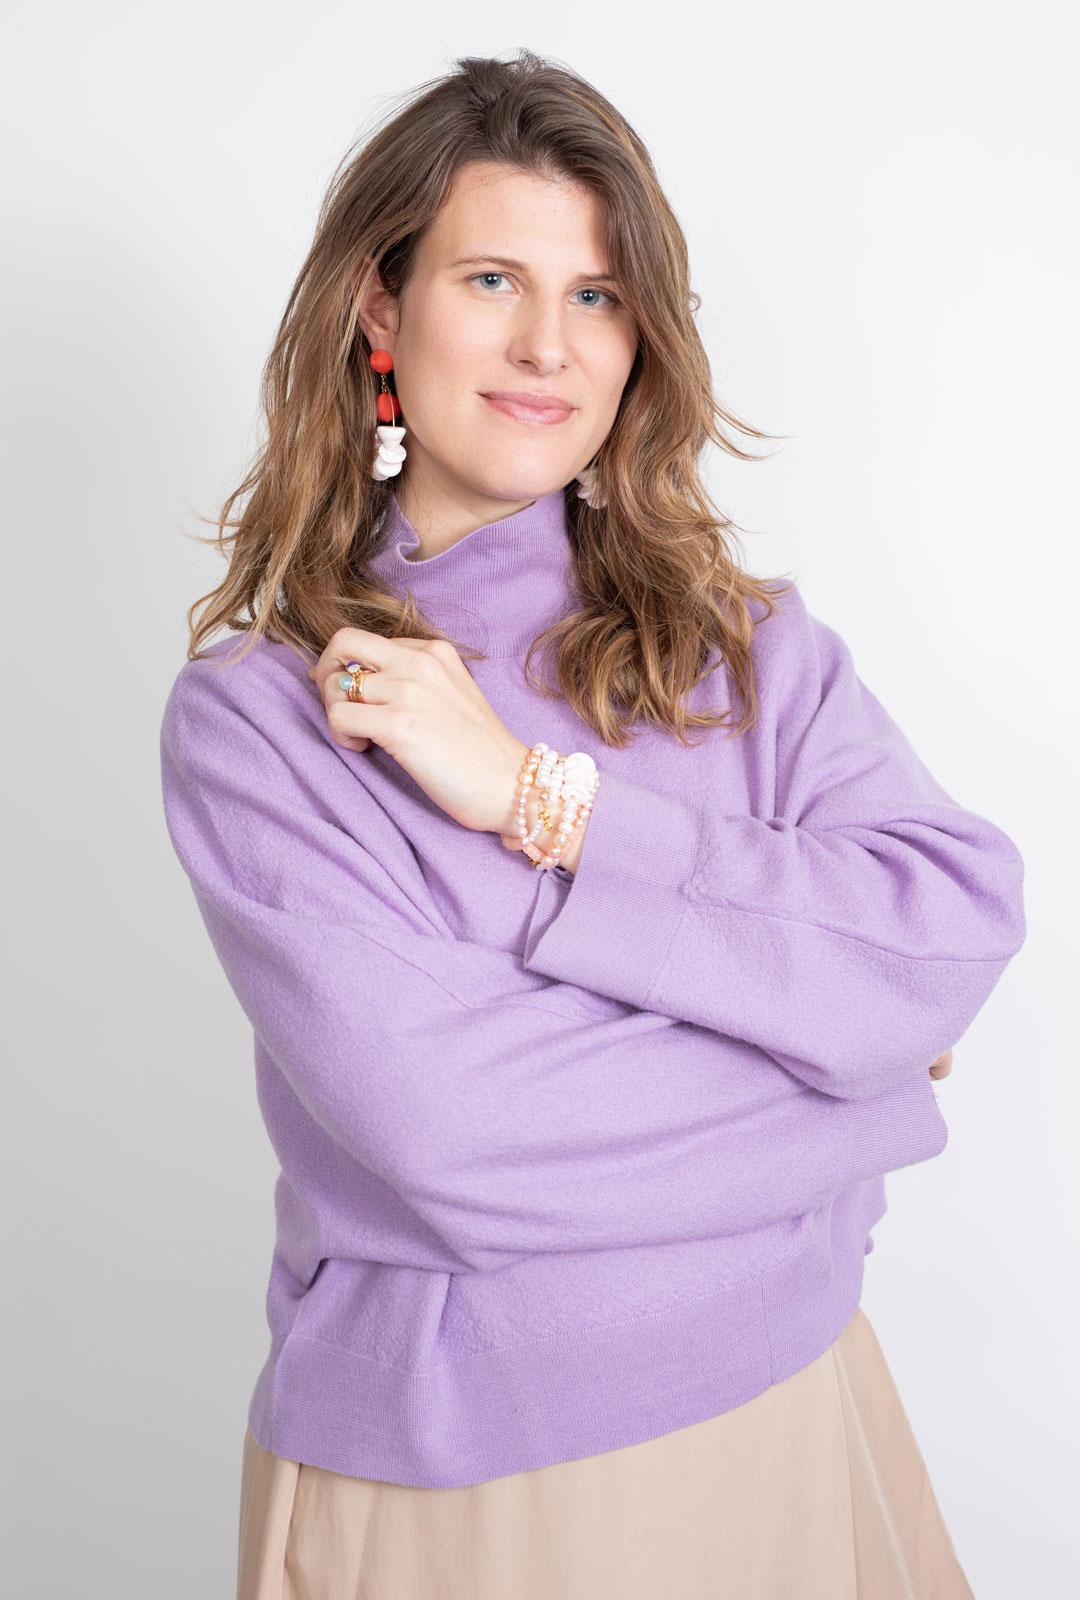 Kreolen Valeria an Model